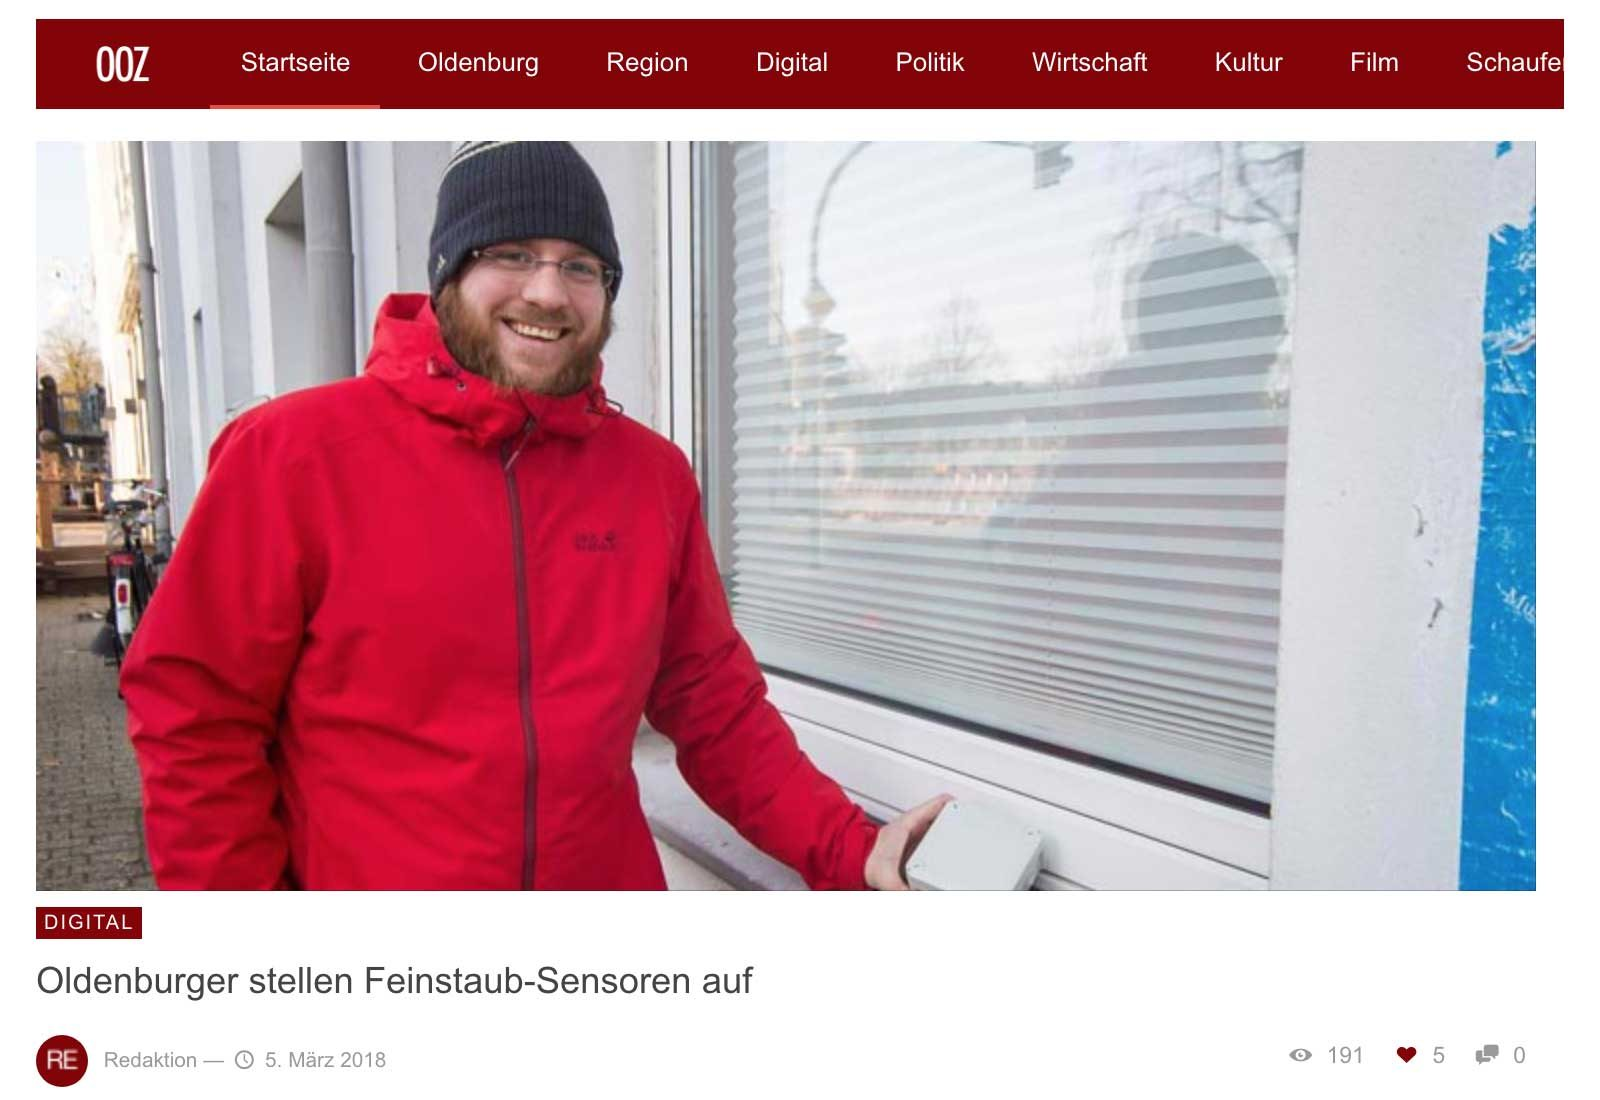 Beitrag in der Oldenburg Onlinezeitung